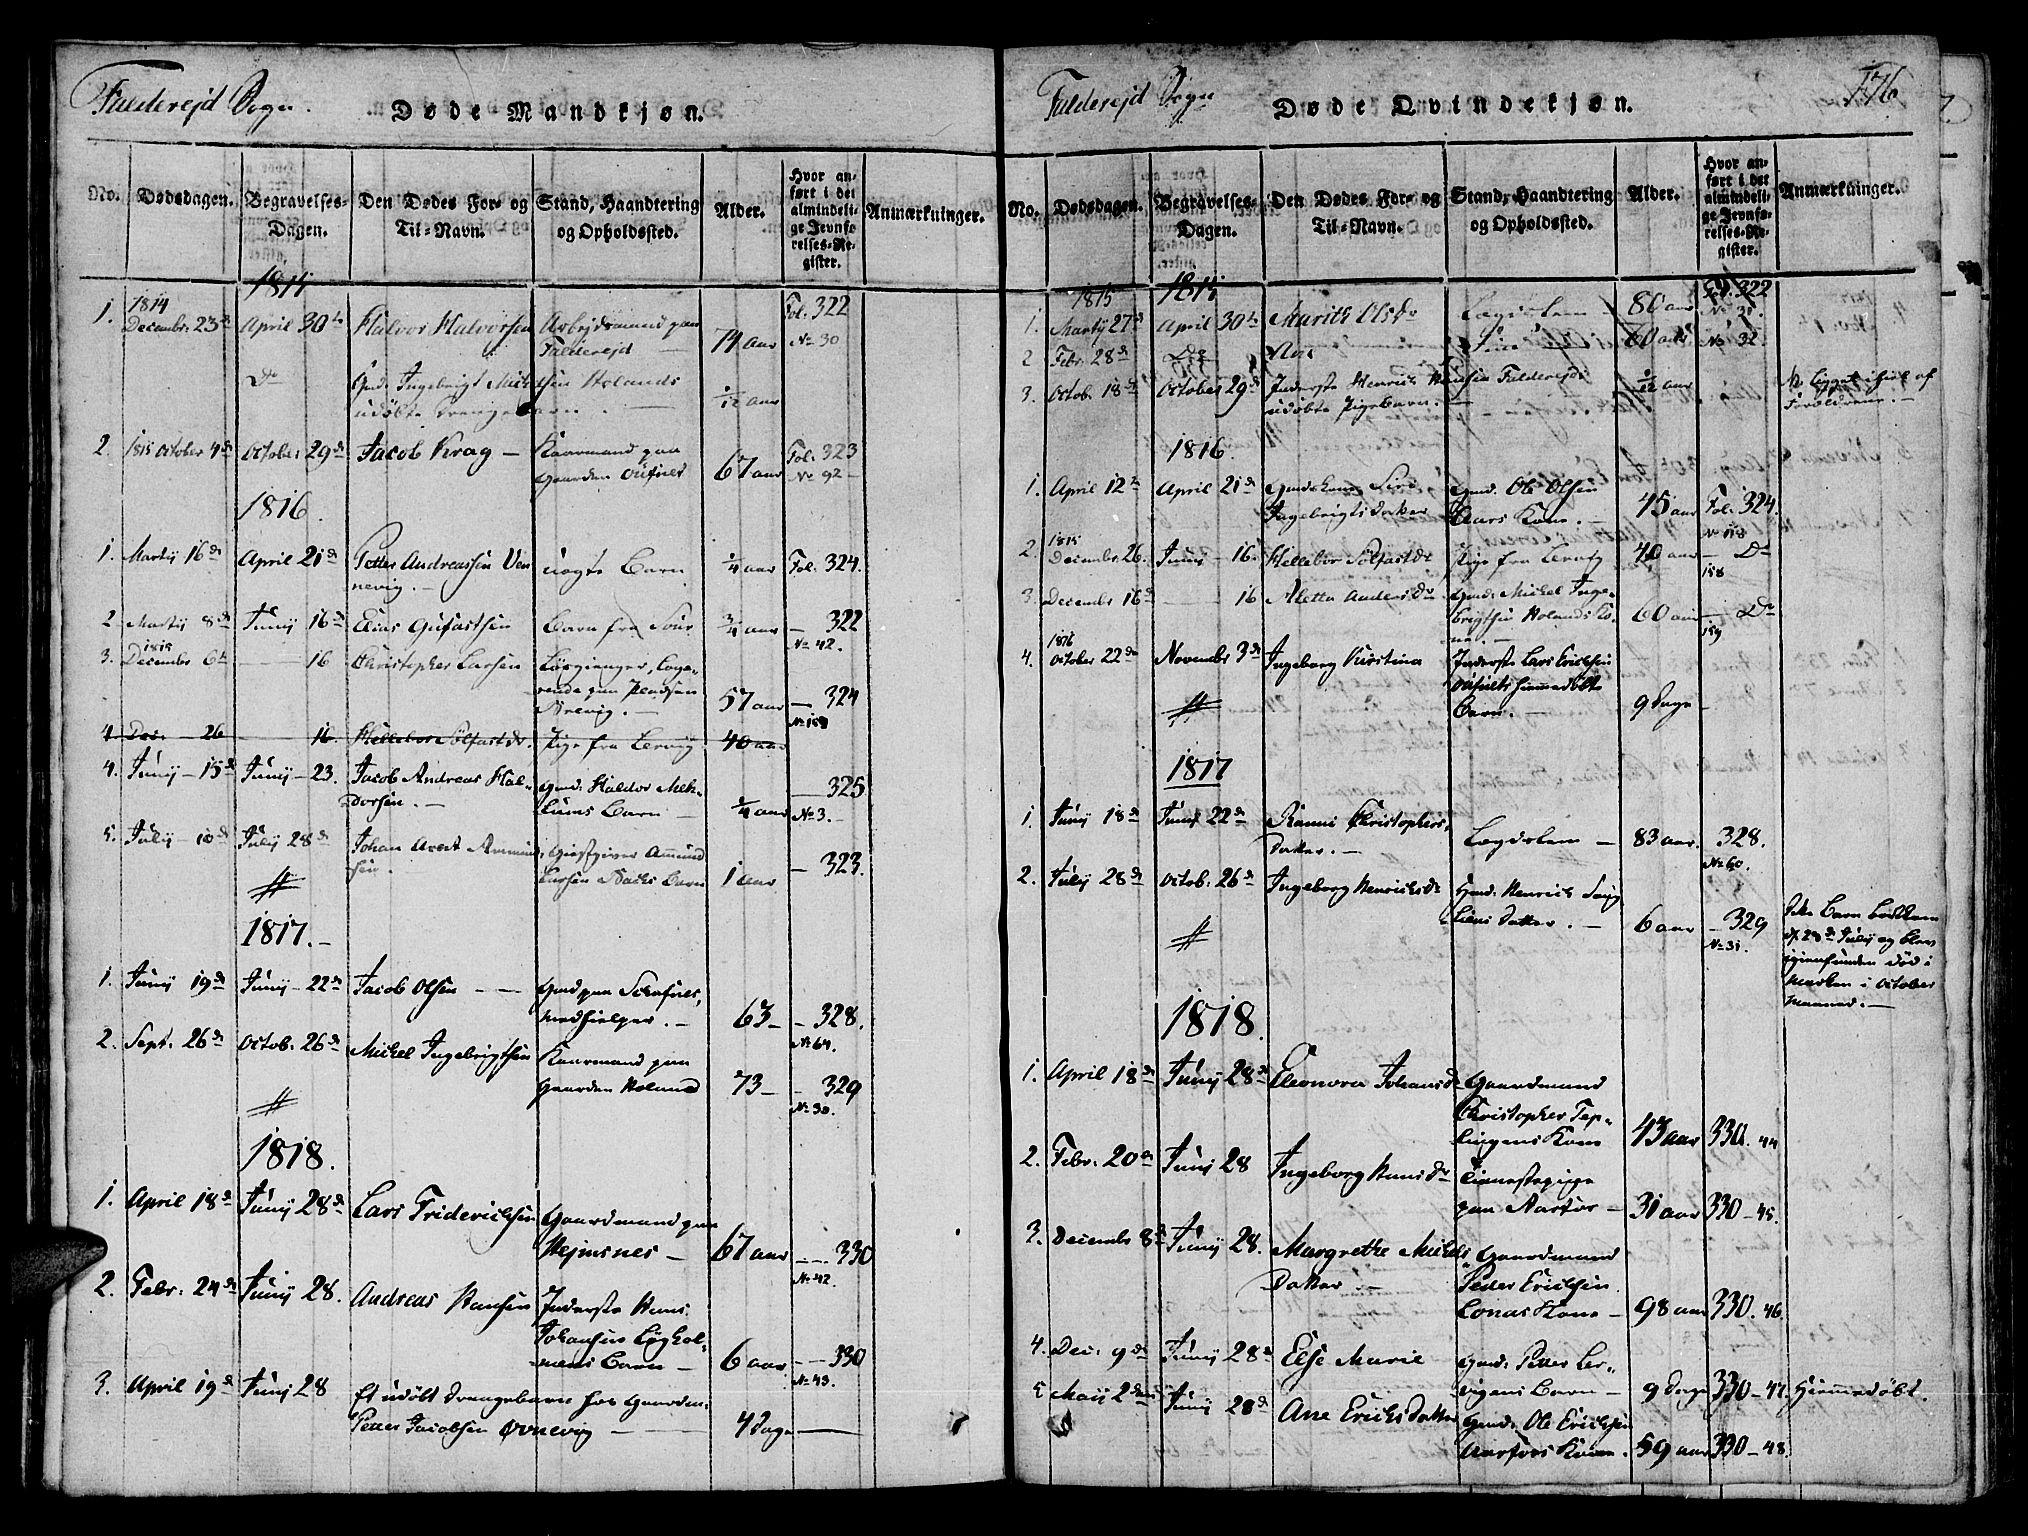 SAT, Ministerialprotokoller, klokkerbøker og fødselsregistre - Nord-Trøndelag, 780/L0636: Ministerialbok nr. 780A03 /3, 1815-1829, s. 176